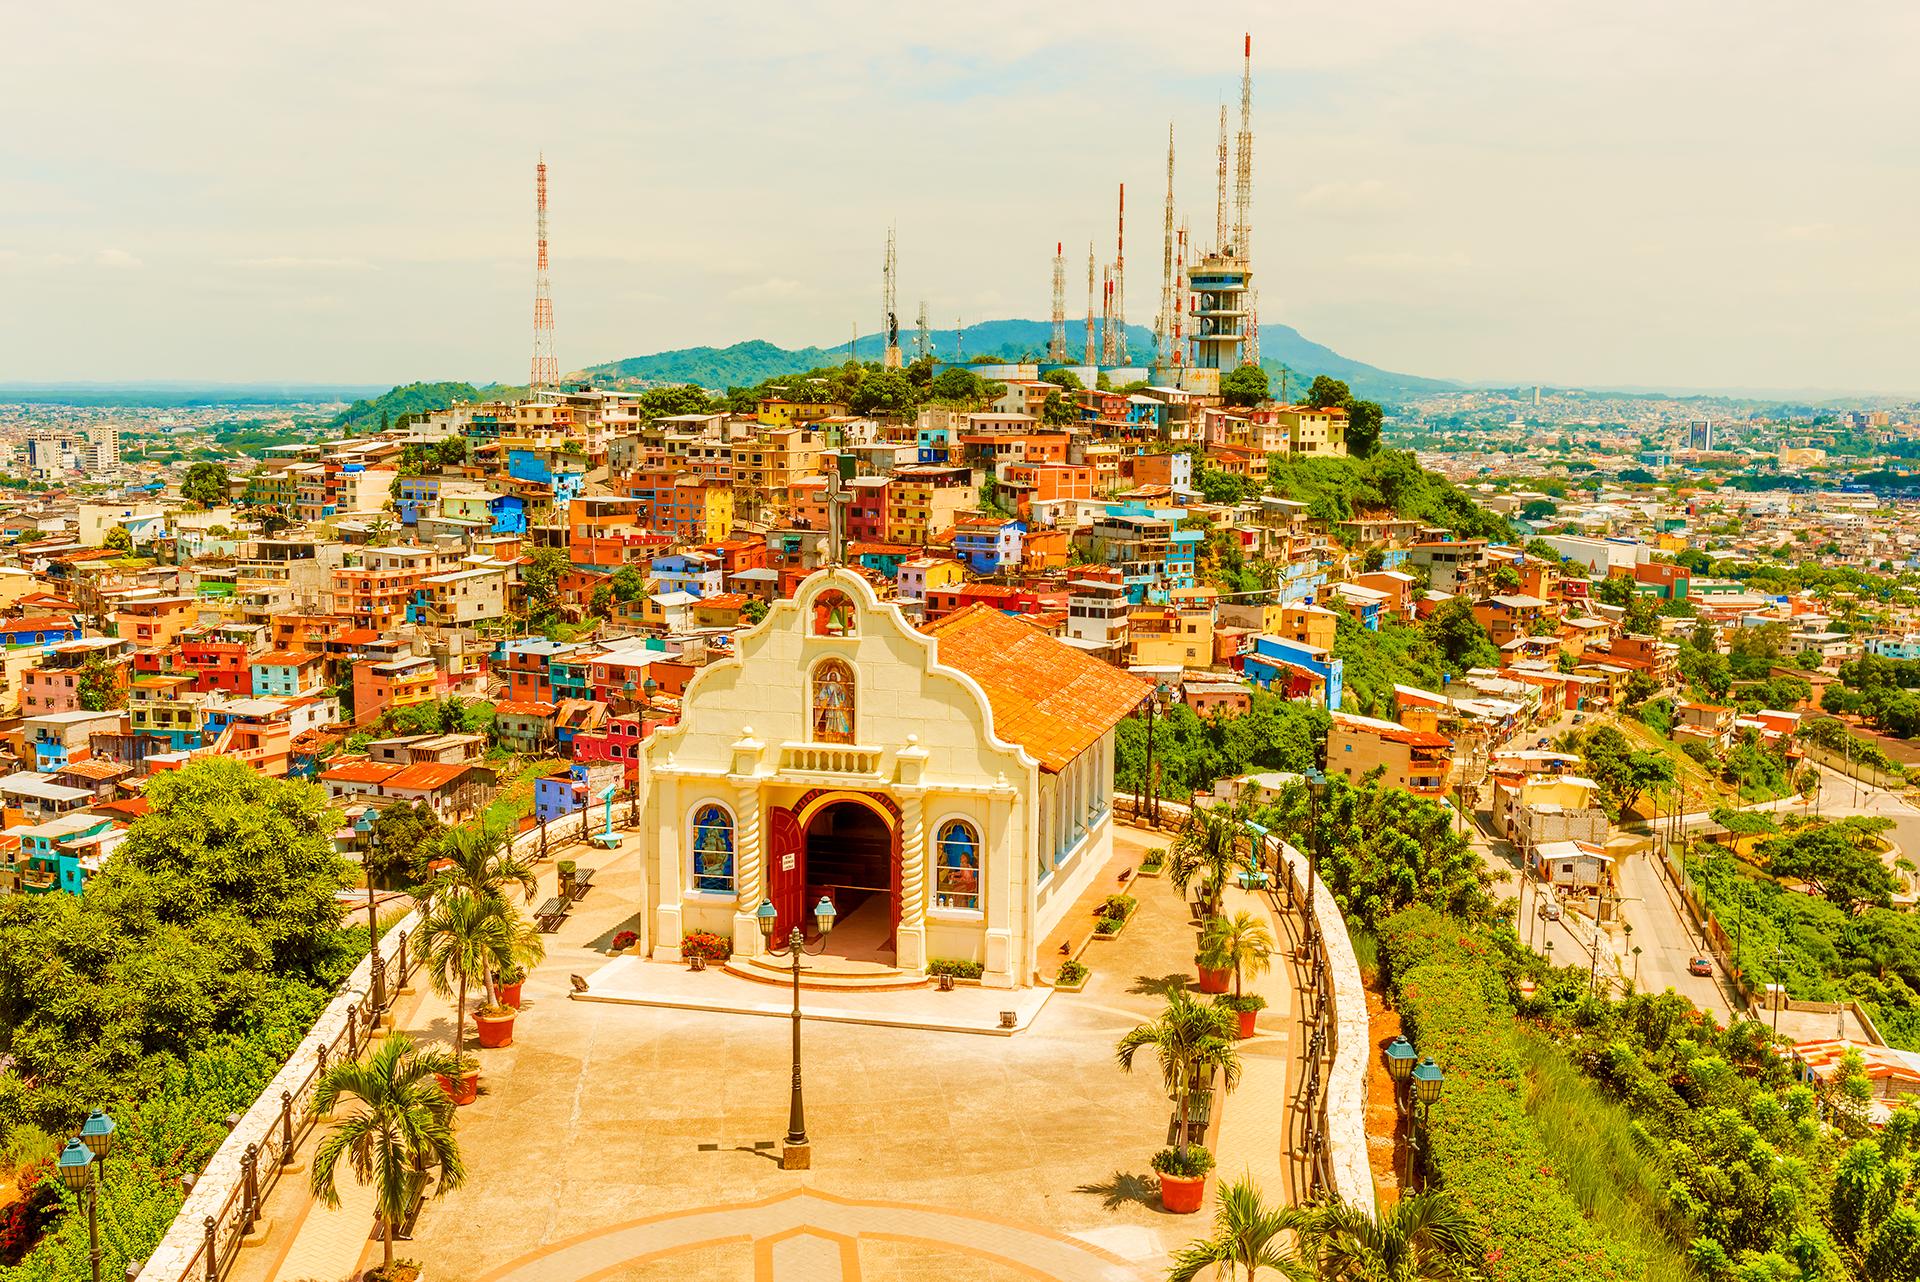 Guayaquil no es solo el corazón comercial de Ecuador, sino una ciudad vibrante y en expansión, cada vez más segura. Media docena de rascacielos le dan un perfil de gran ciudad, y varias laderas están envueltas por coloridas favelas, pero es el malecón del río Guayas (la plaza del pueblo) que define la identidad de la ciudad